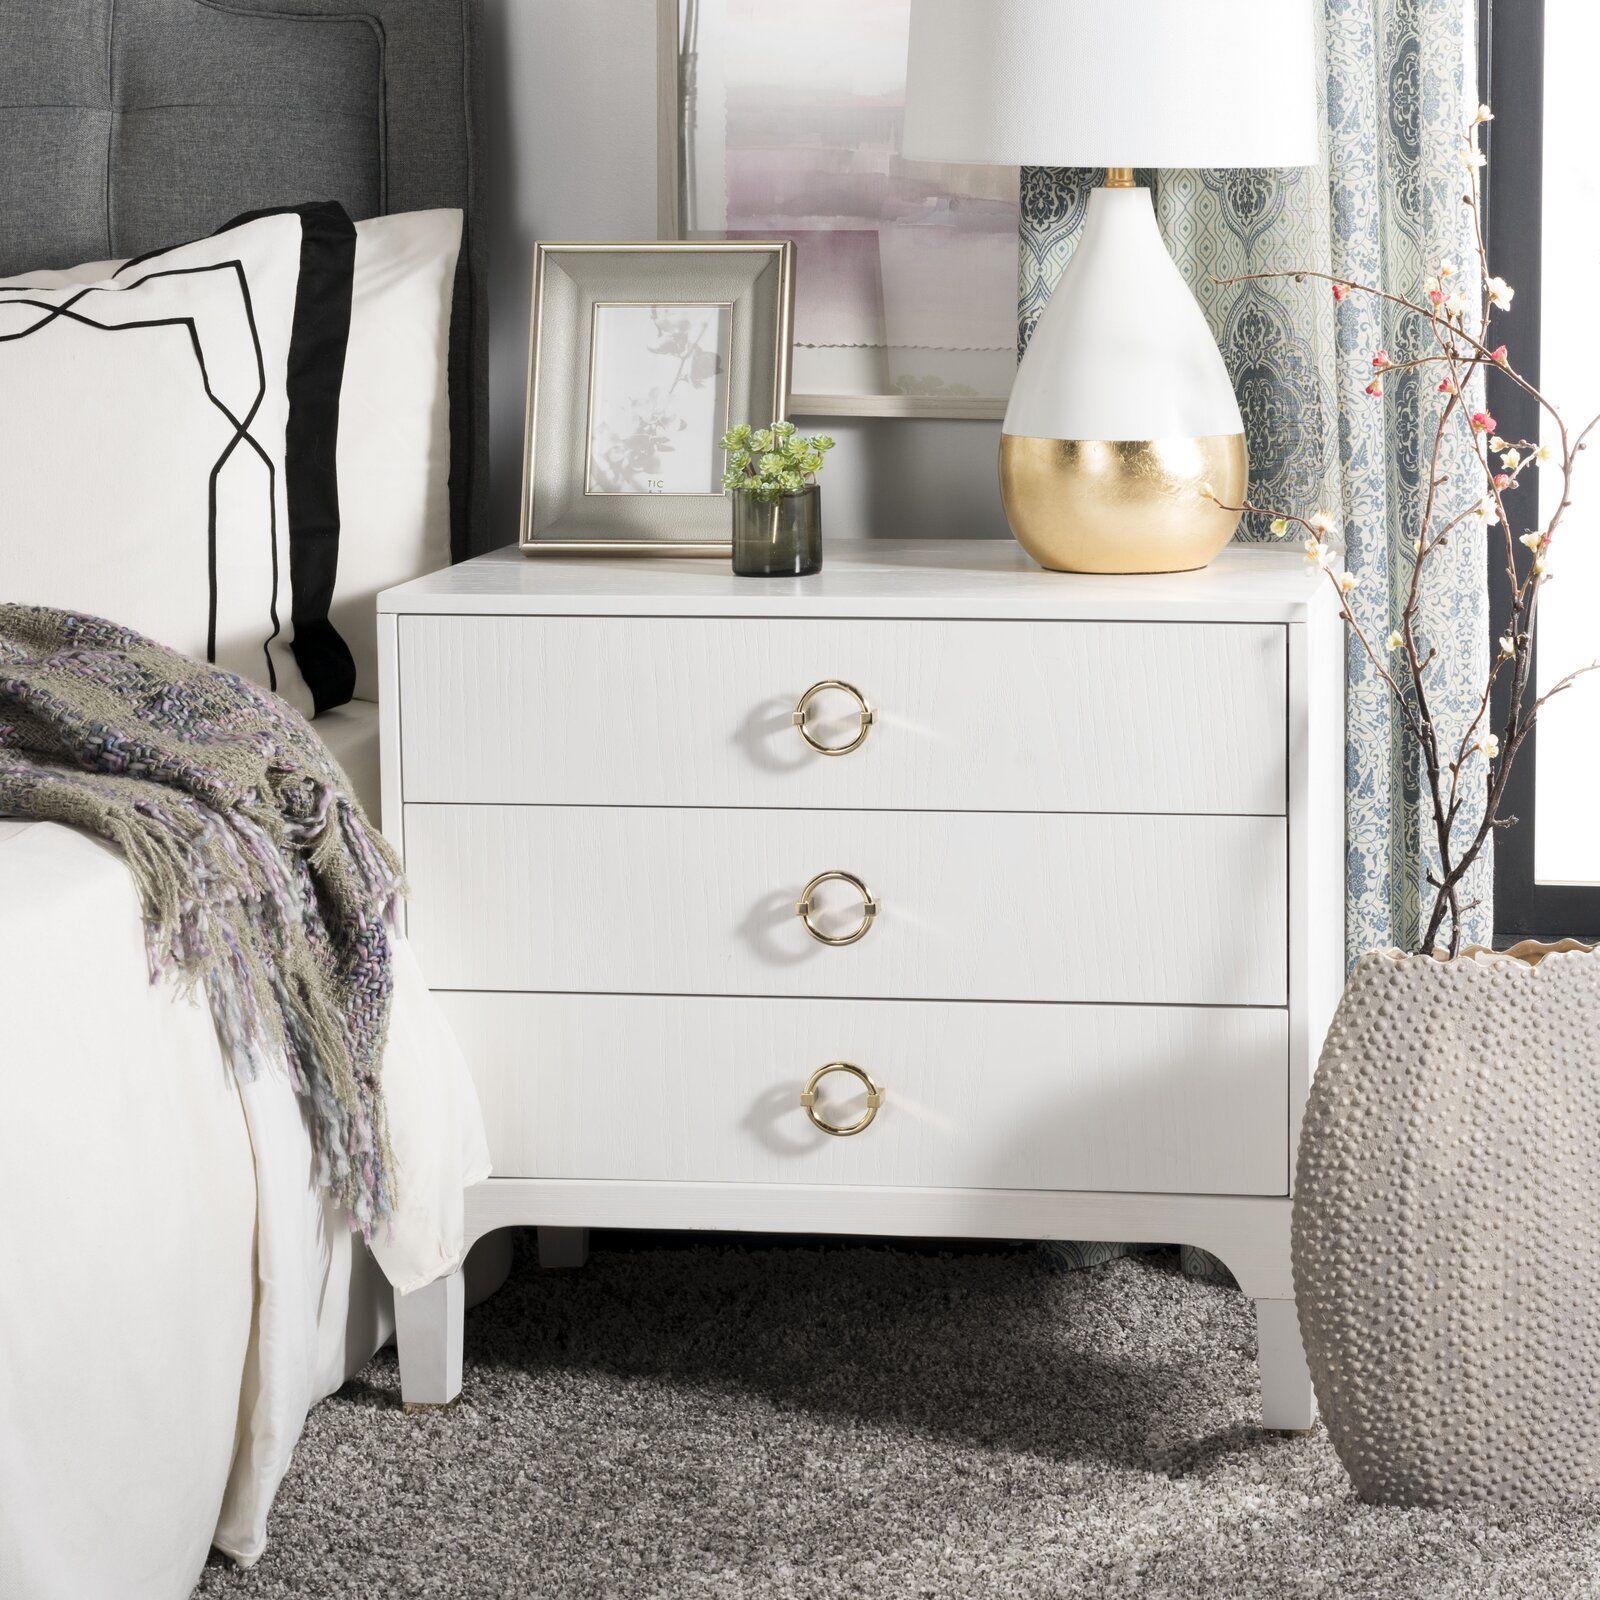 Gerald 3 Drawer Nightstand White nightstand, 3 drawer